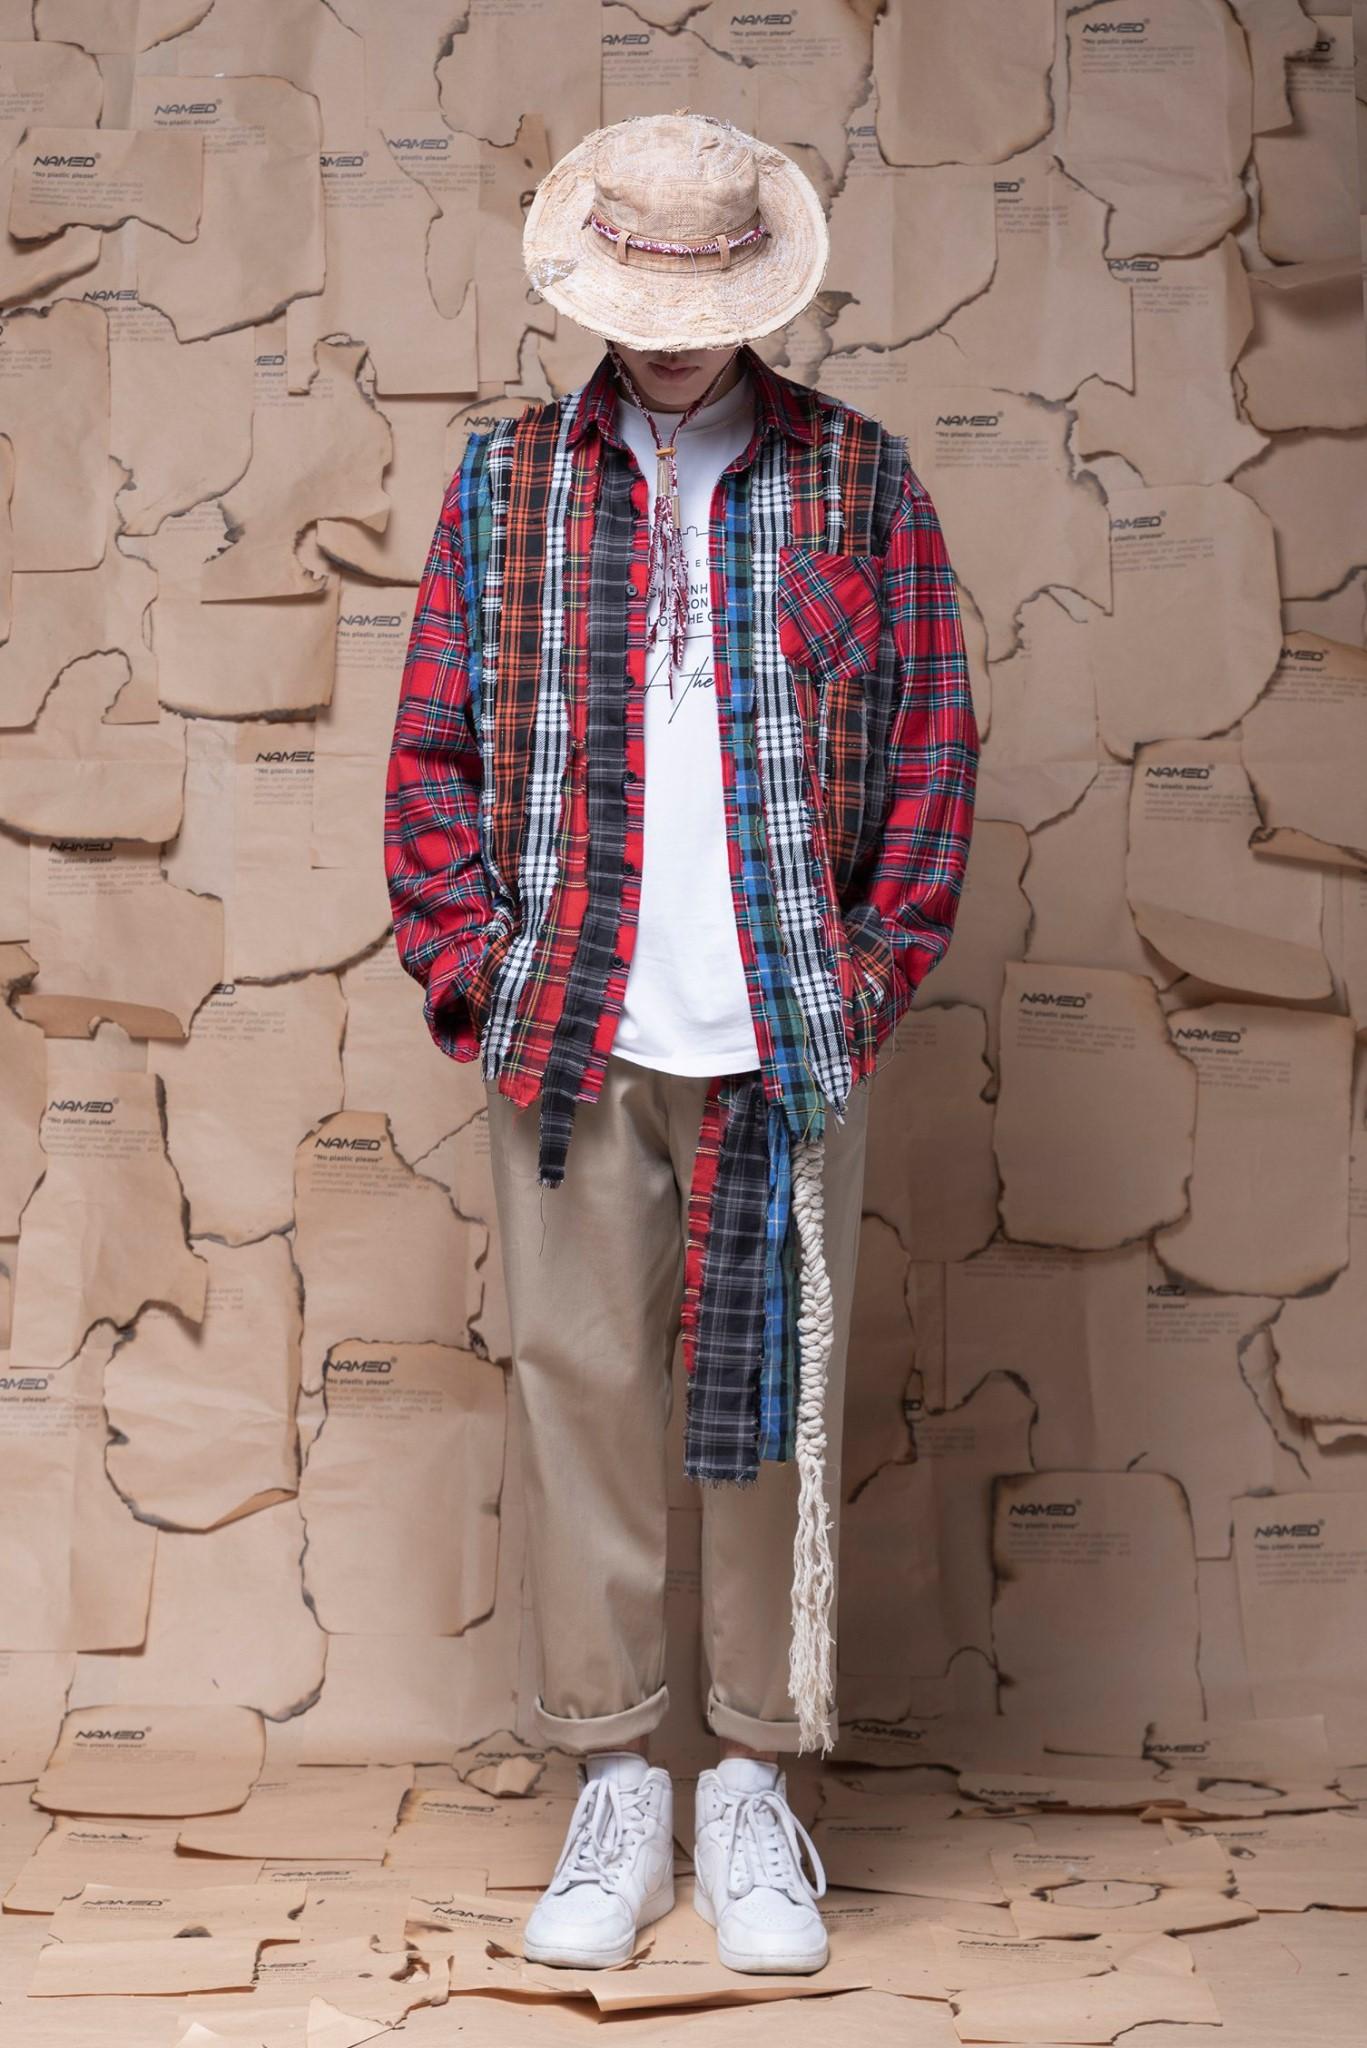 phoi do voi ao so mi flannel - named